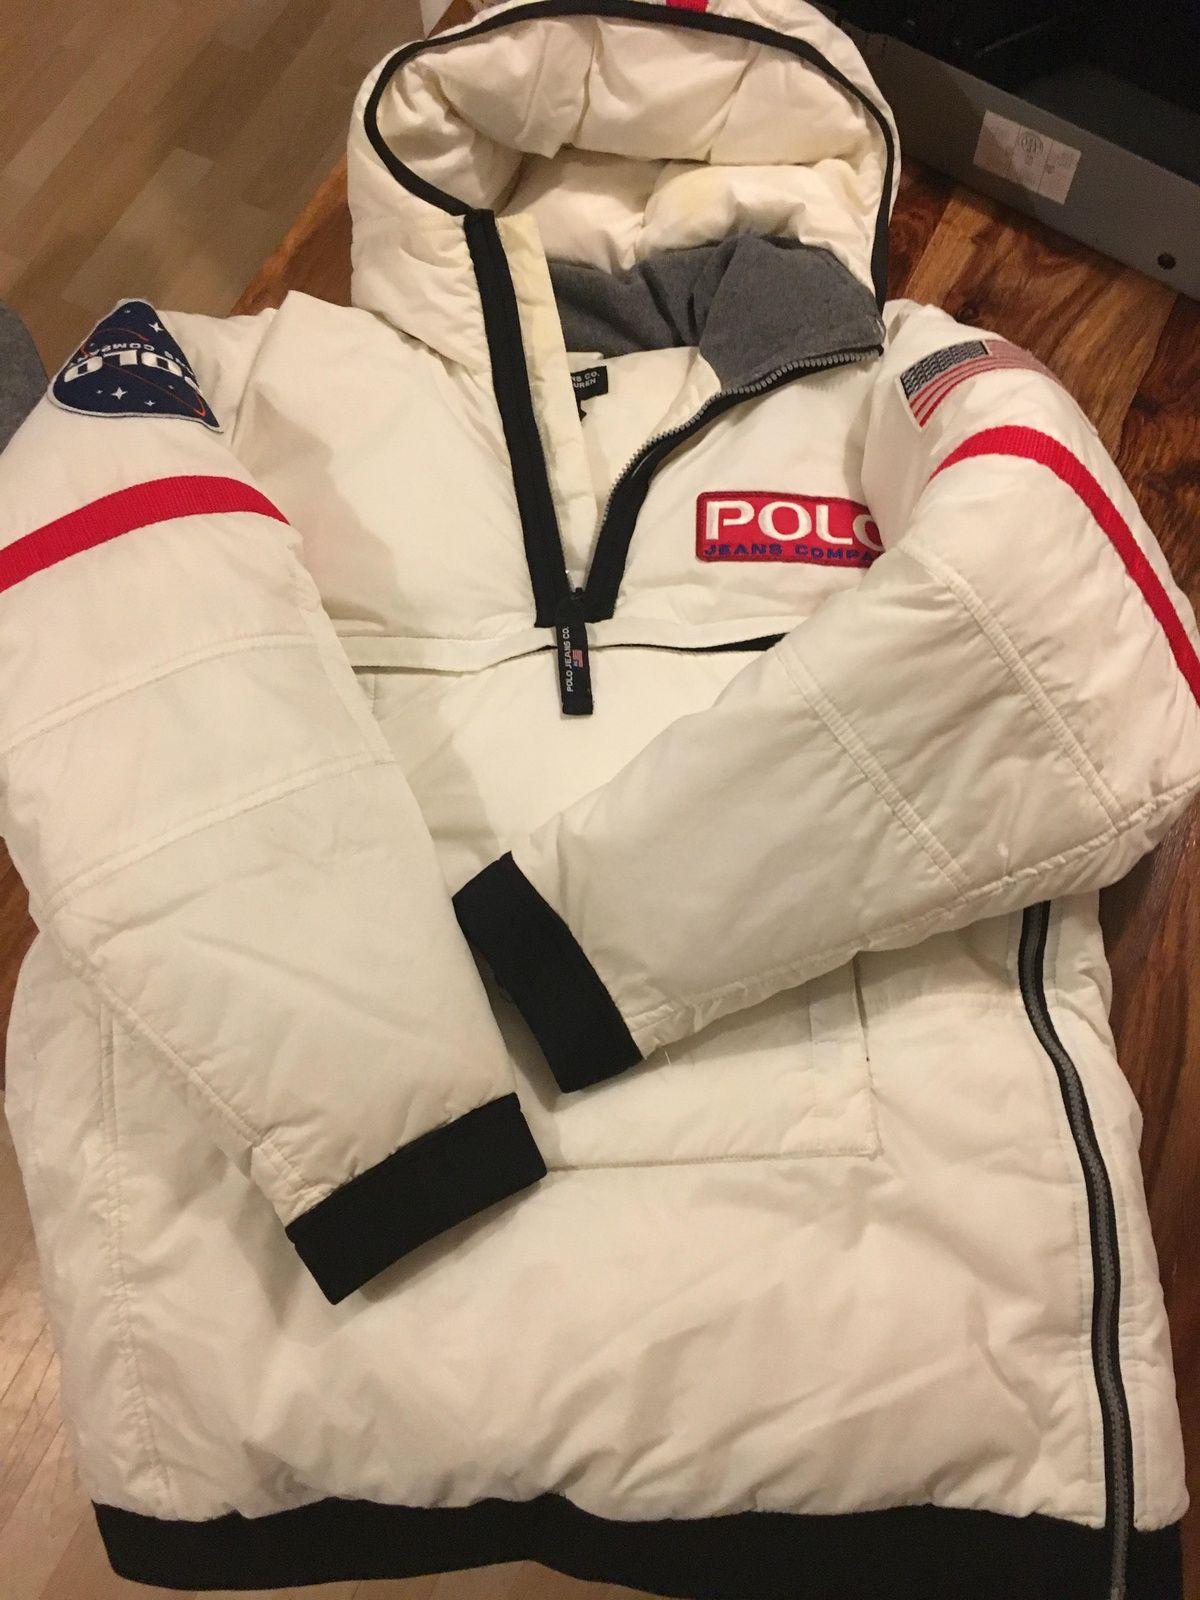 Buy Polo Ralph Lauren Polo NASA PWing Jacket RARE, Size